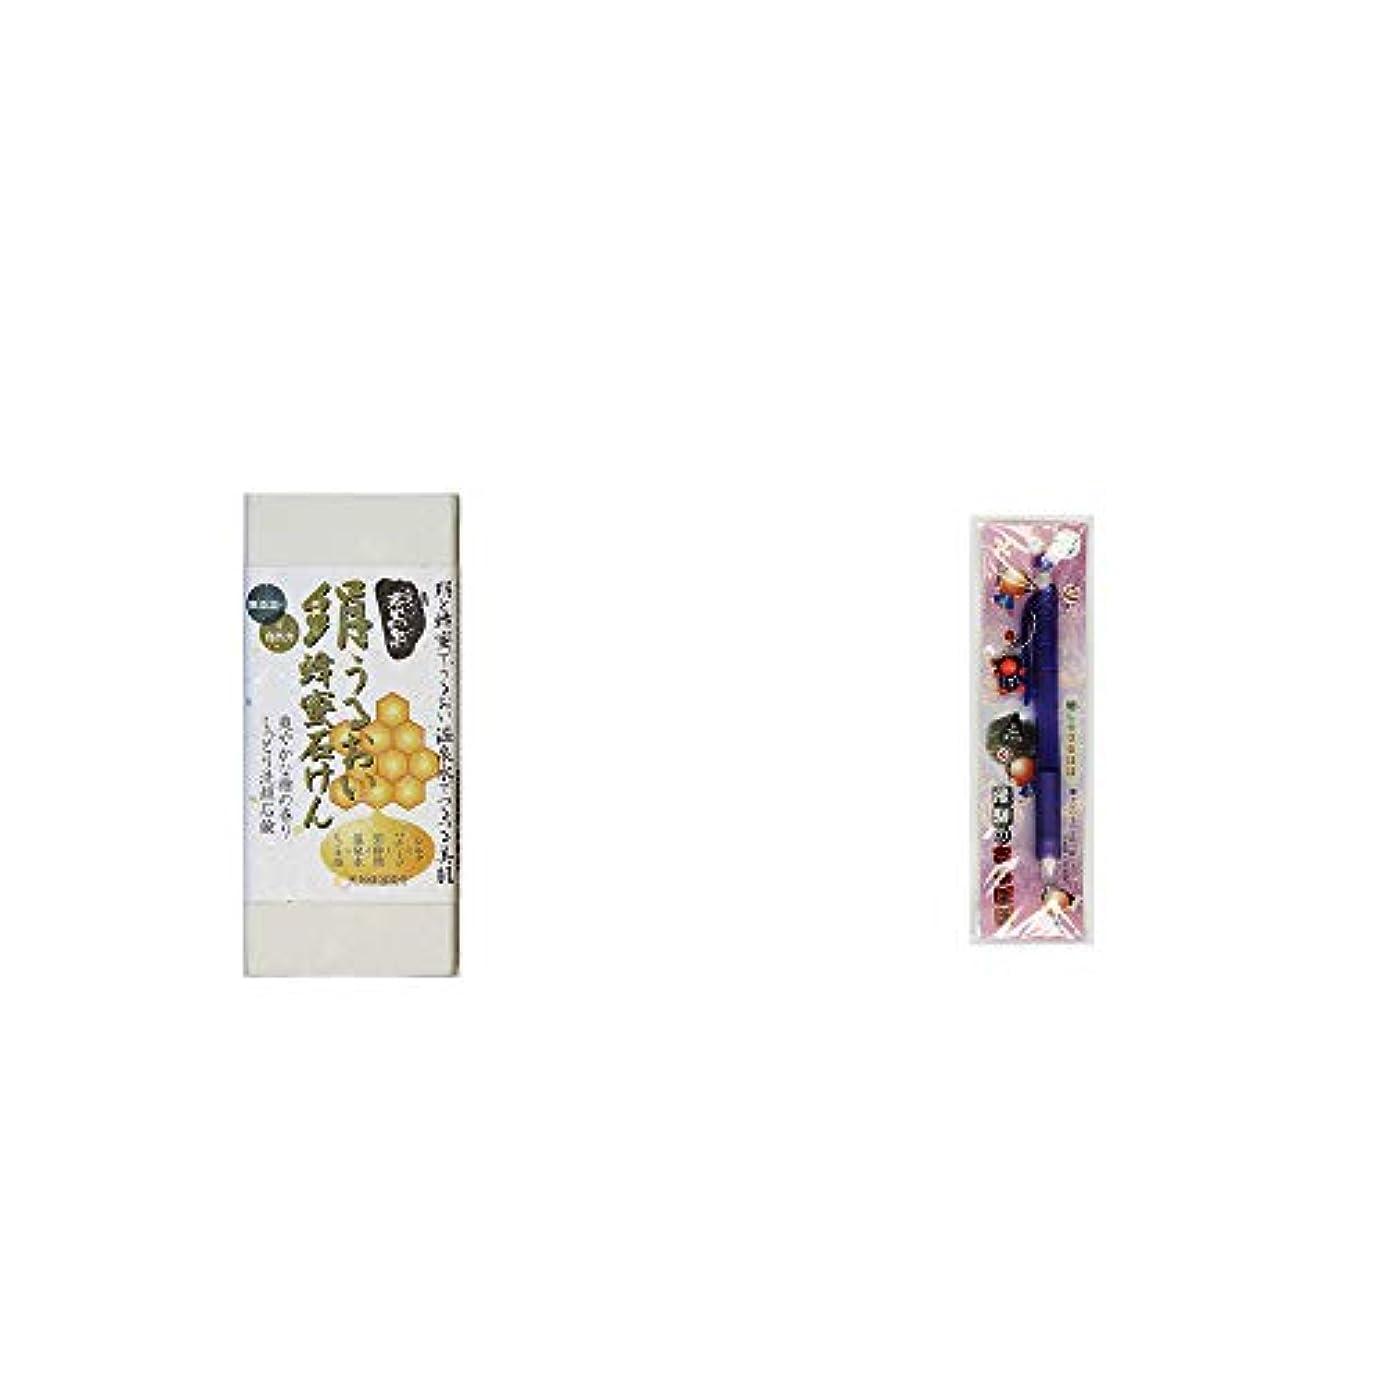 センサー被る表現[2点セット] ひのき炭黒泉 絹うるおい蜂蜜石けん(75g×2)?さるぼぼ 癒しシャープペン 【パープル】